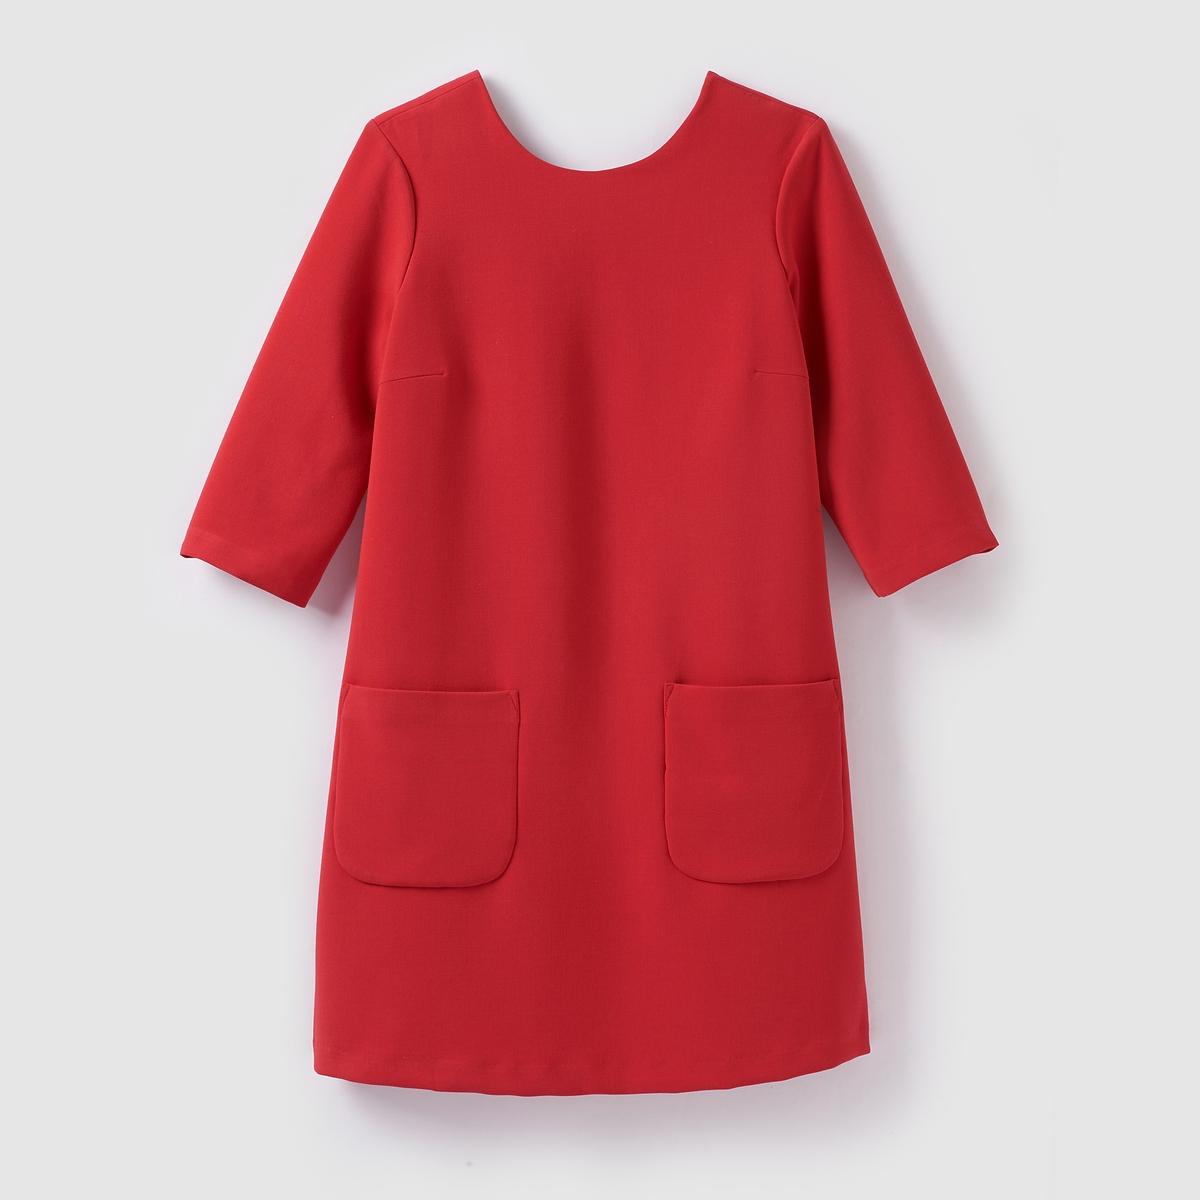 Платье короткое с короткими рукавамиСостав и деталиМатериал          63% полиэстера, 33% вискозы, 4% эластана Марка VERO MODA.               Уход     Следуйте рекомендациям по уходу, указанным на этикетке изделия<br><br>Цвет: красный,черный<br>Размер: XS.S